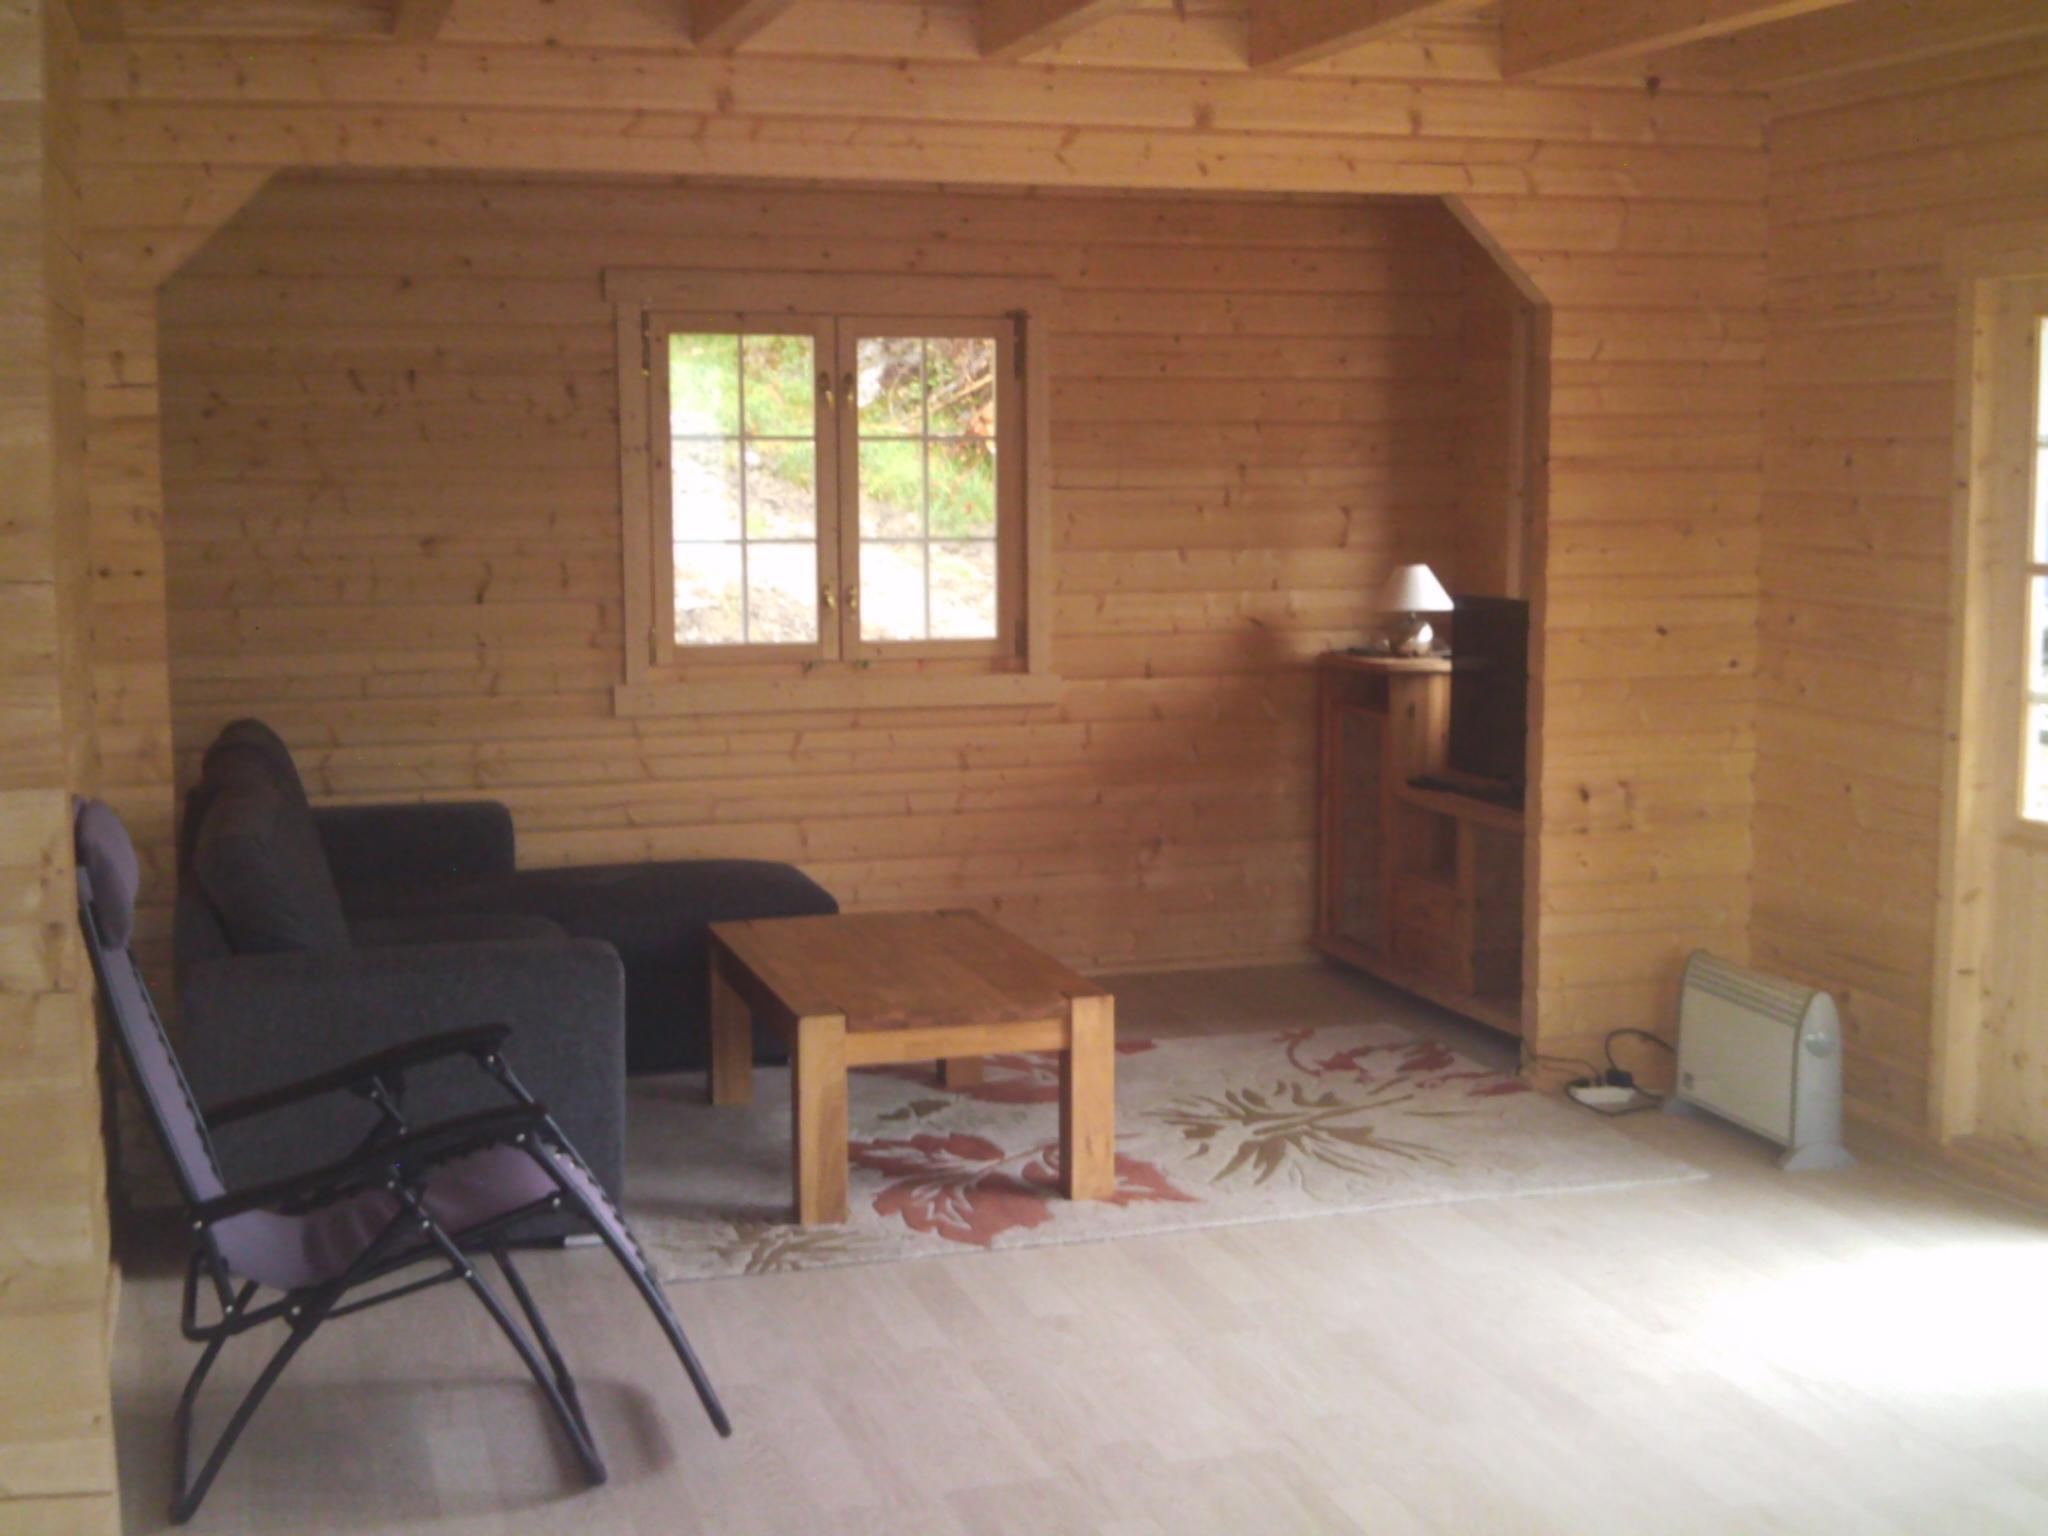 Eßzimmer/Küche (Juni 2016) Eßzimmer Mit Aussicht Auf Fjord Und Gebirge  (Juni 2016)